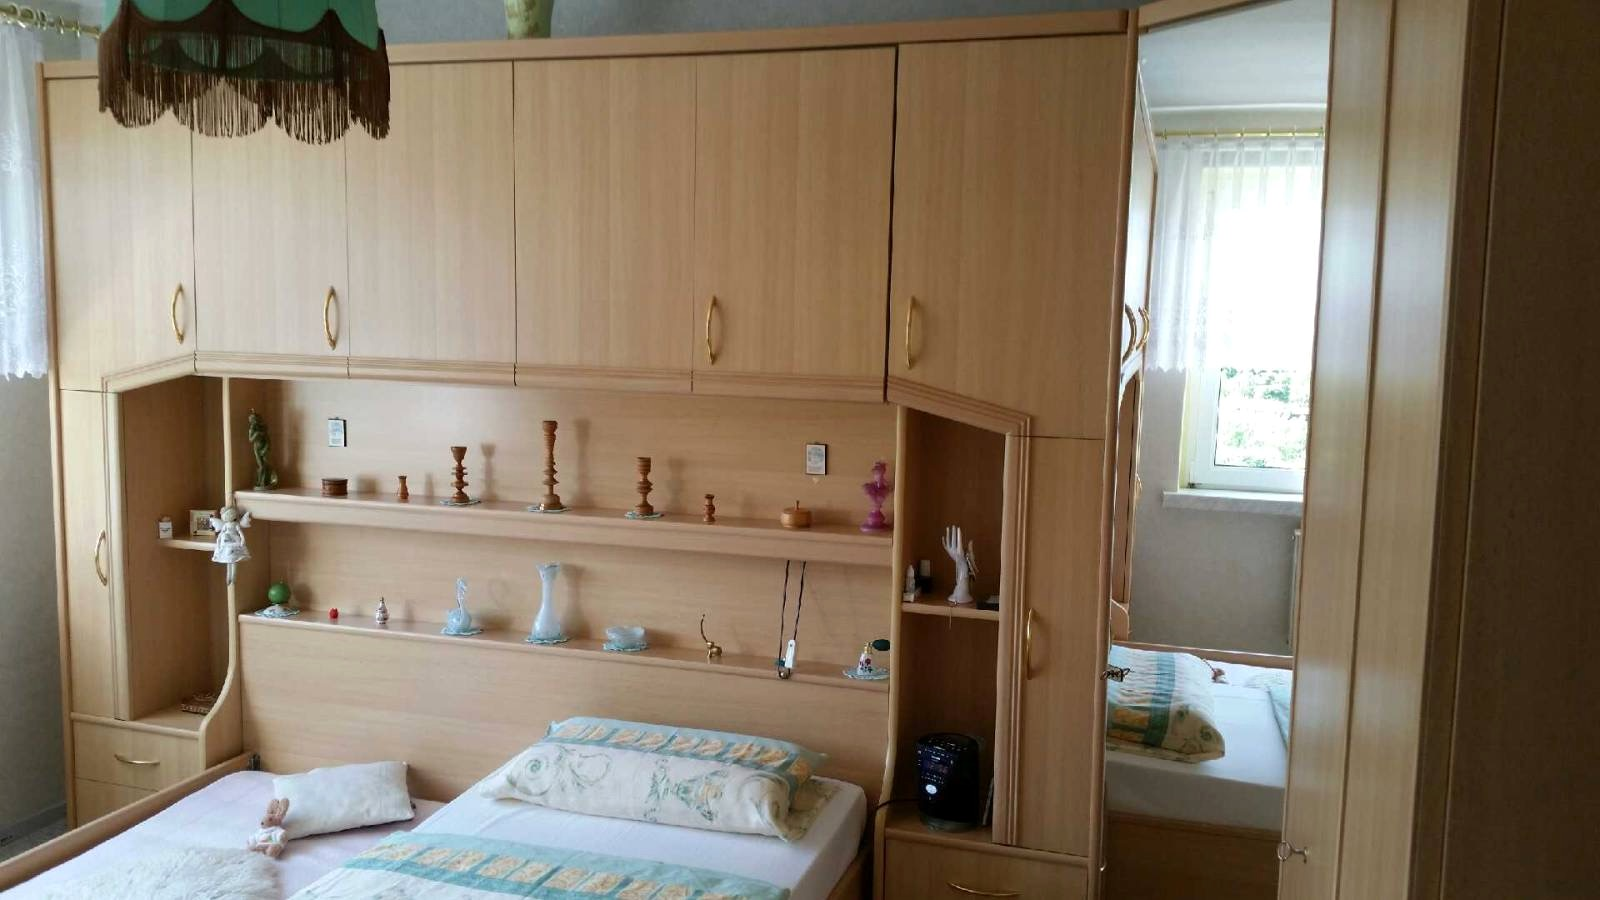 Full Size of Schlafzimmer Mit Berbau Komplett Mbelum Deko Deckenlampe Küche Holz Modern Betten Moderne Duschen Modernes Bett Lampe Gardinen Für Kommoden Wandbilder Wohnzimmer überbau Schlafzimmer Modern